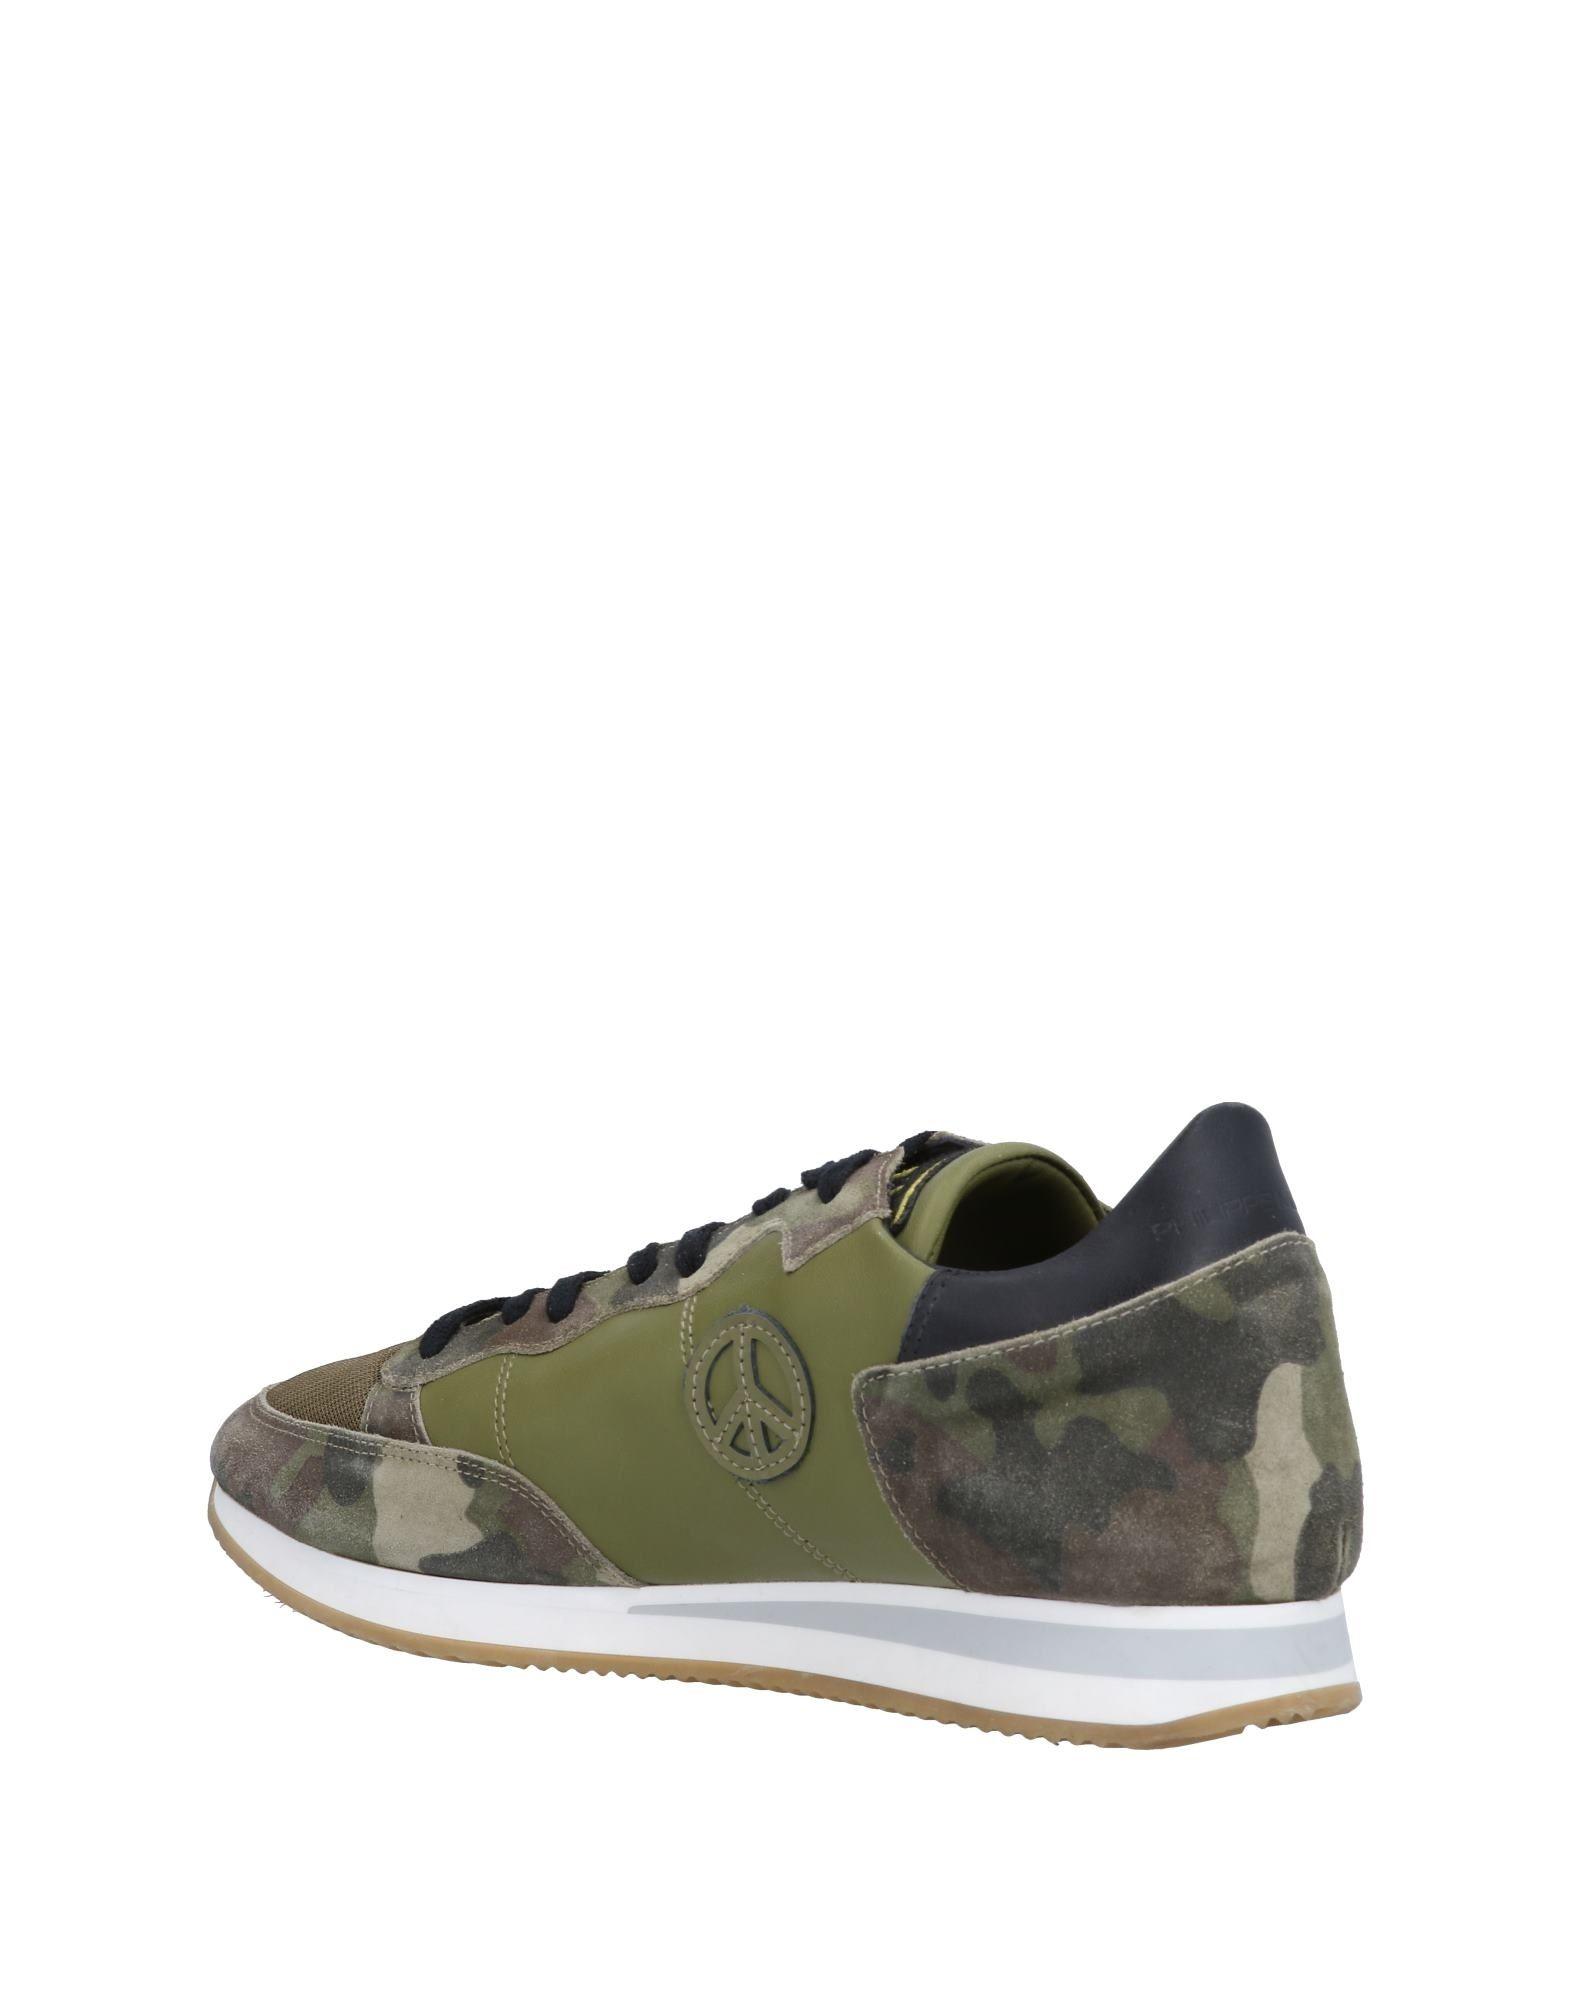 Philippe Herren Model Sneakers Herren Philippe  11499660UK 476891